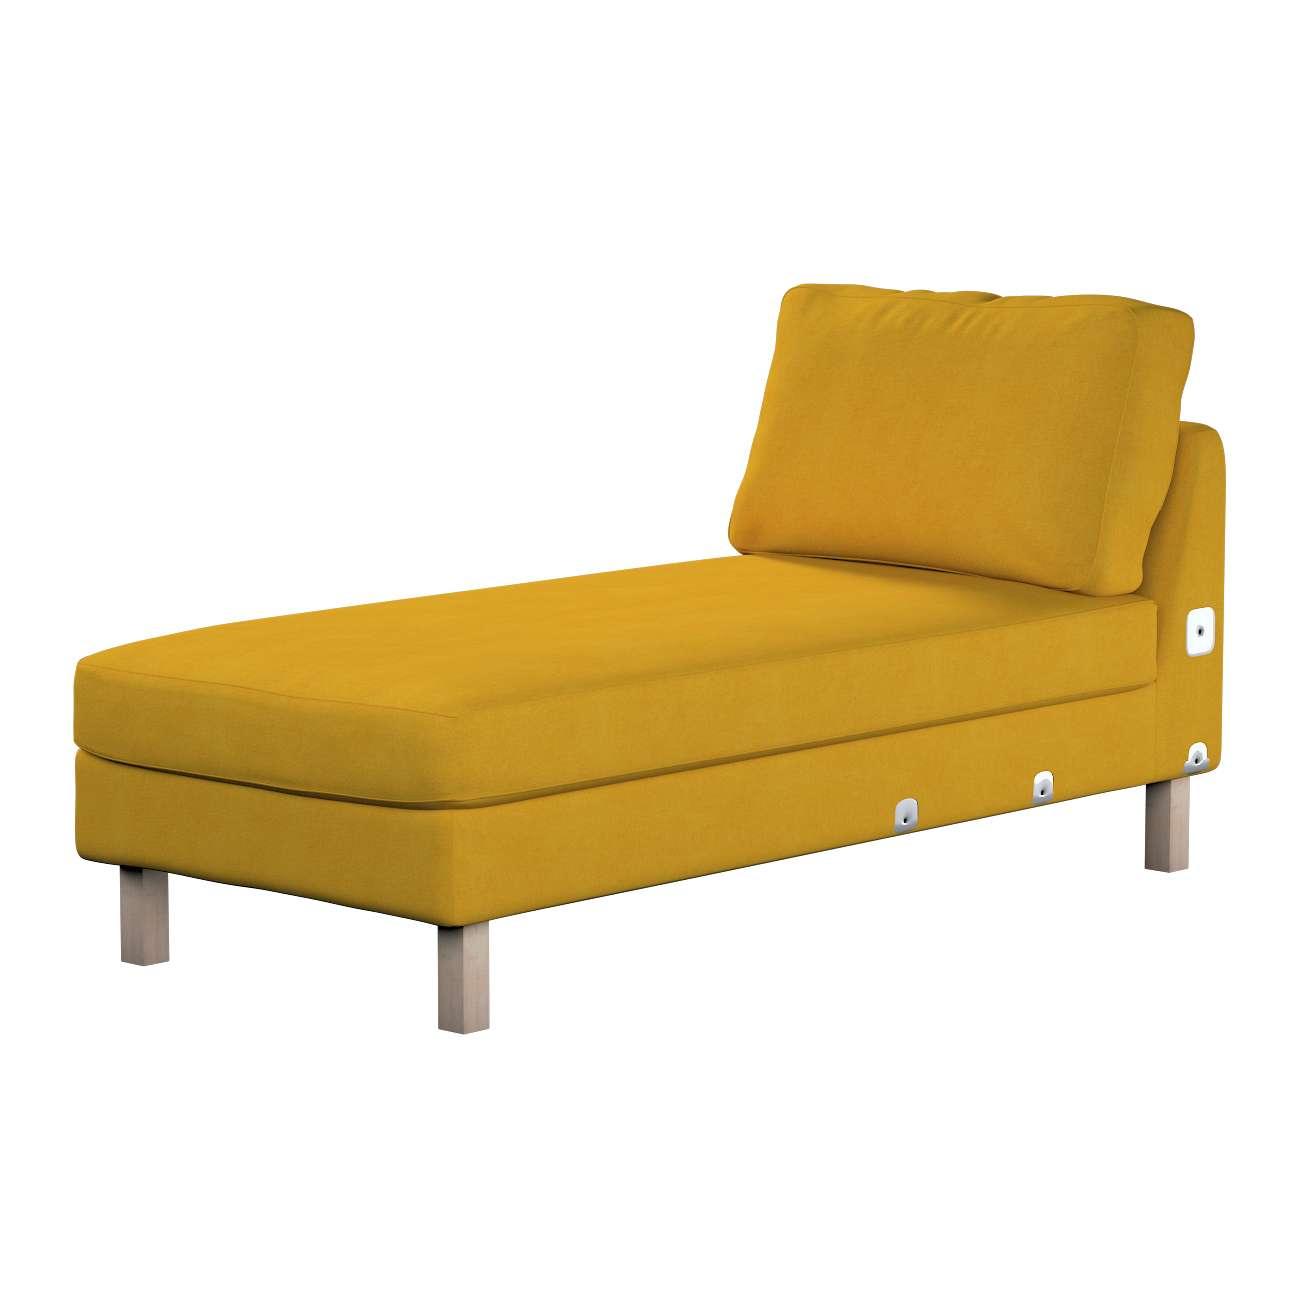 KARSLTAD sofos gulimojo krėslo užvalkalas Karlstad add-on unit cover kolekcijoje Etna , audinys: 705-04